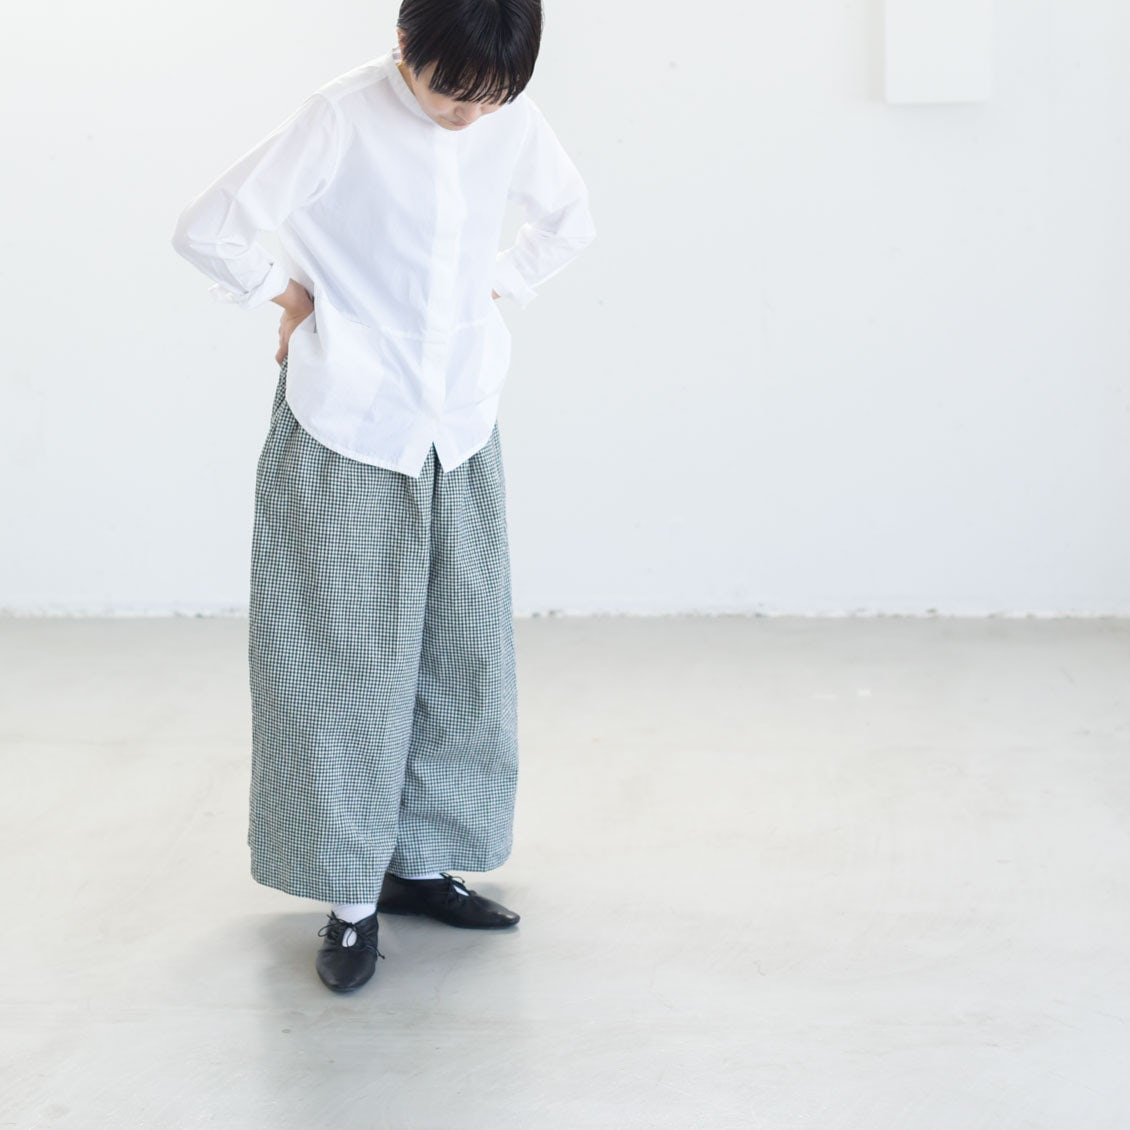 【着用レビュー】ichiのワイドパンツを、身長別4名のスタッフが着てみました